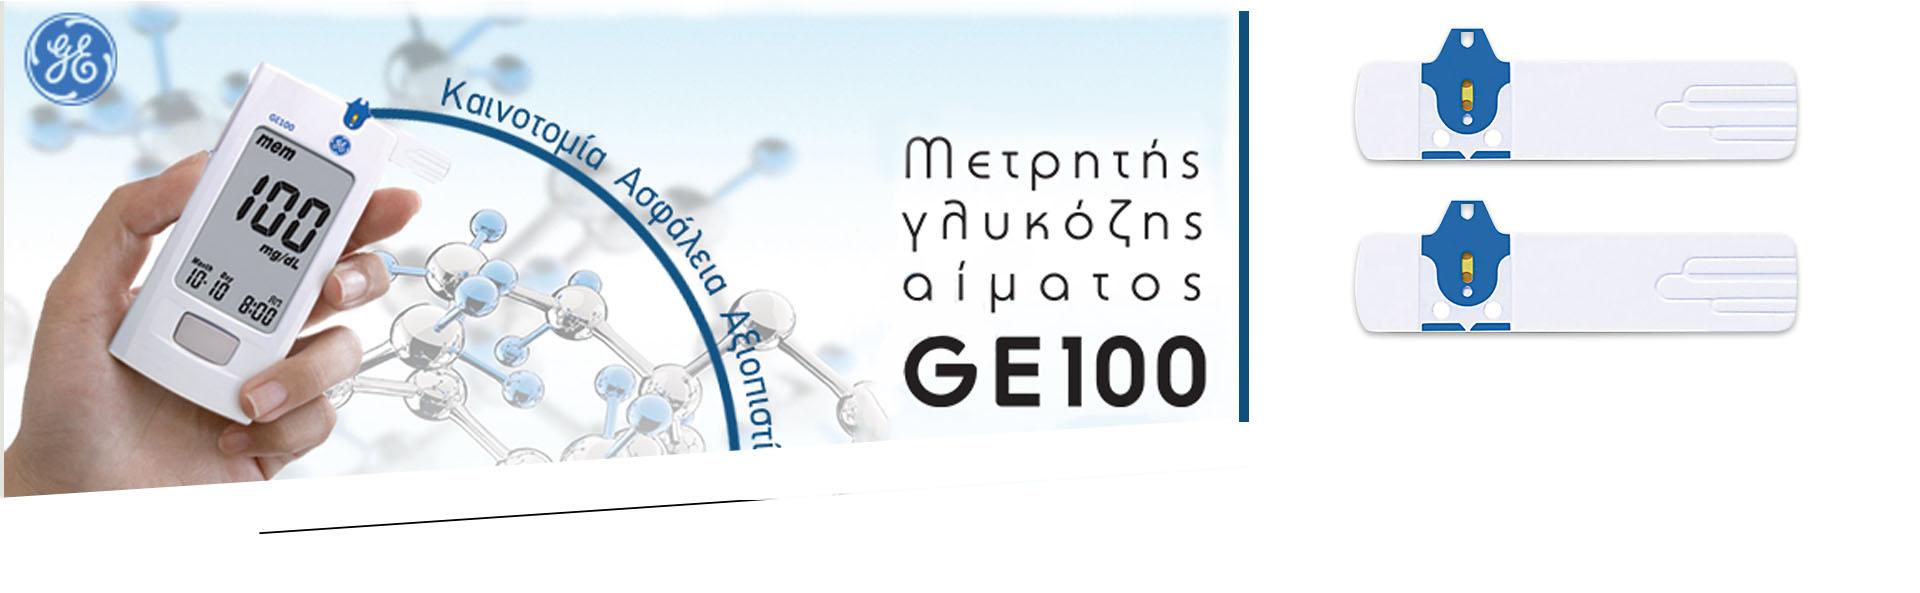 Σύστημα μέτρησης γλυκόζης αίματος GE 100